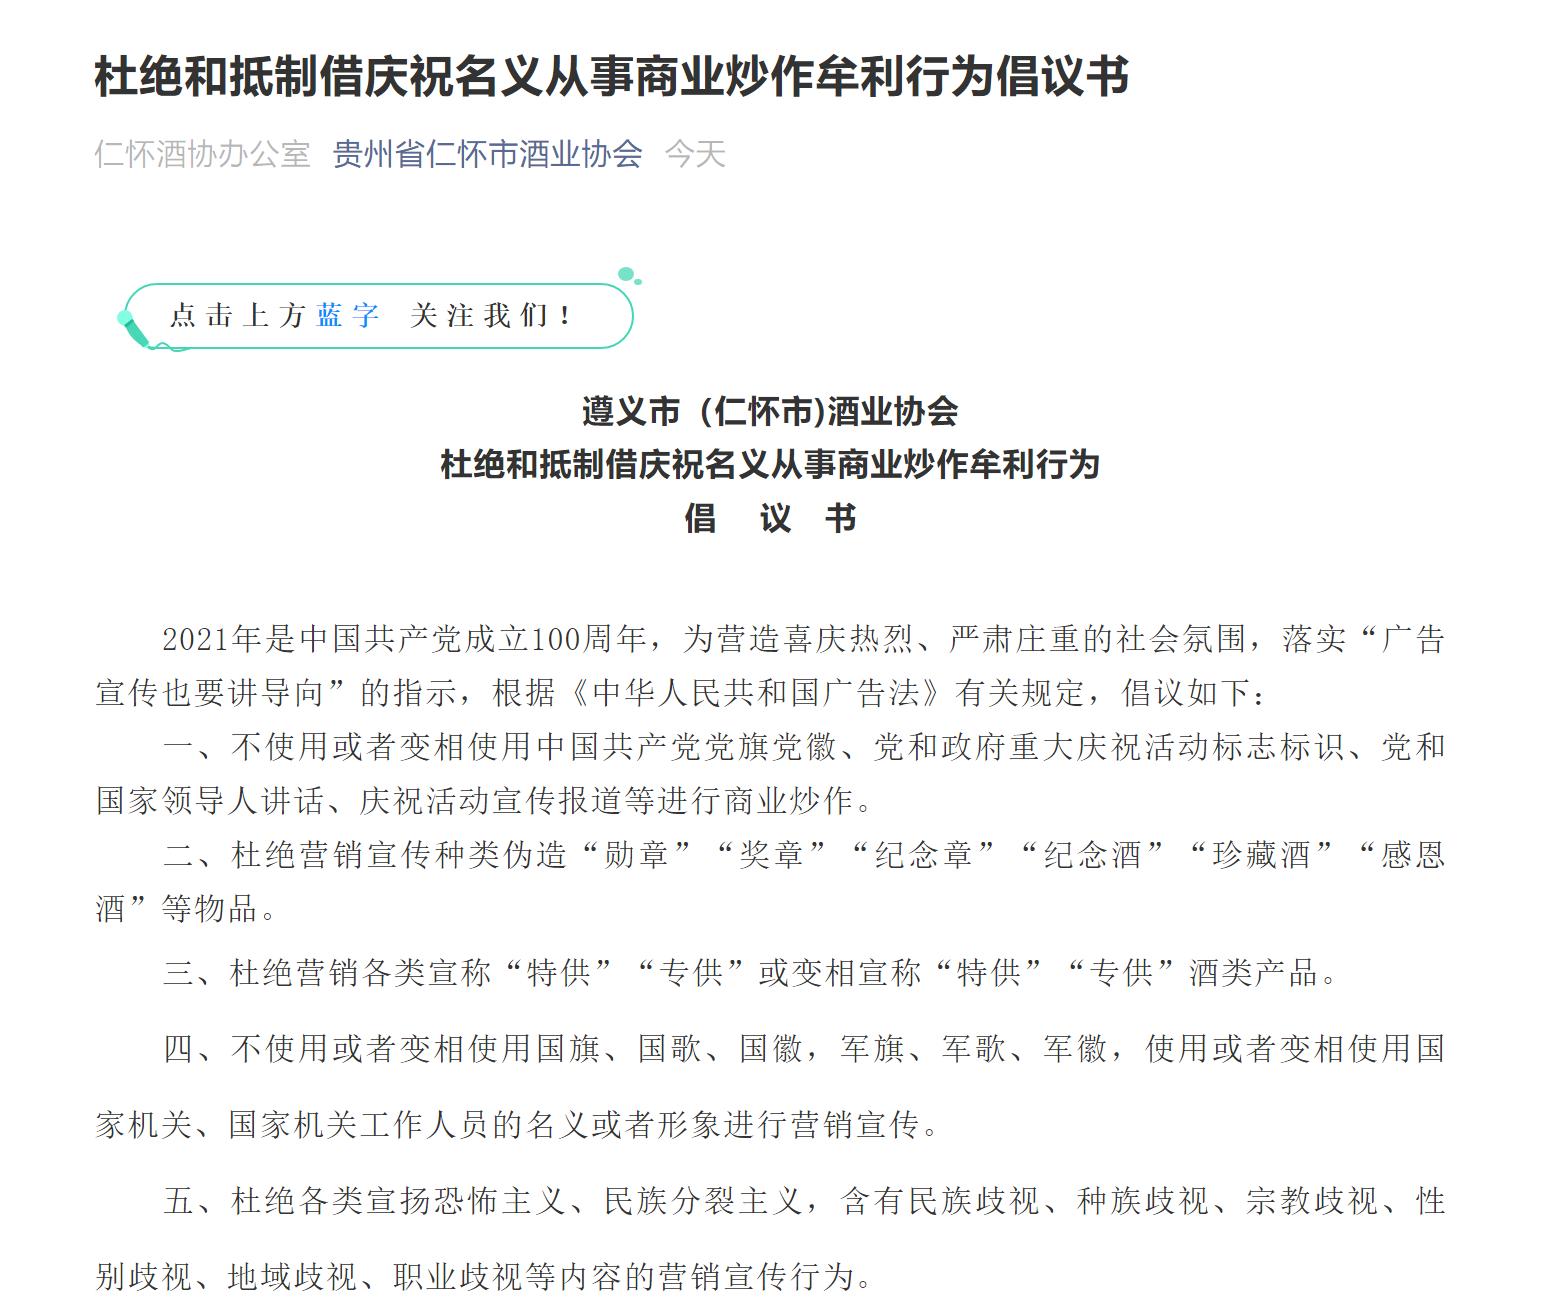 快讯 | 仁怀酒协发倡议书:杜绝营销特供、专供酒类产品,杜绝煽动过度消费的营销